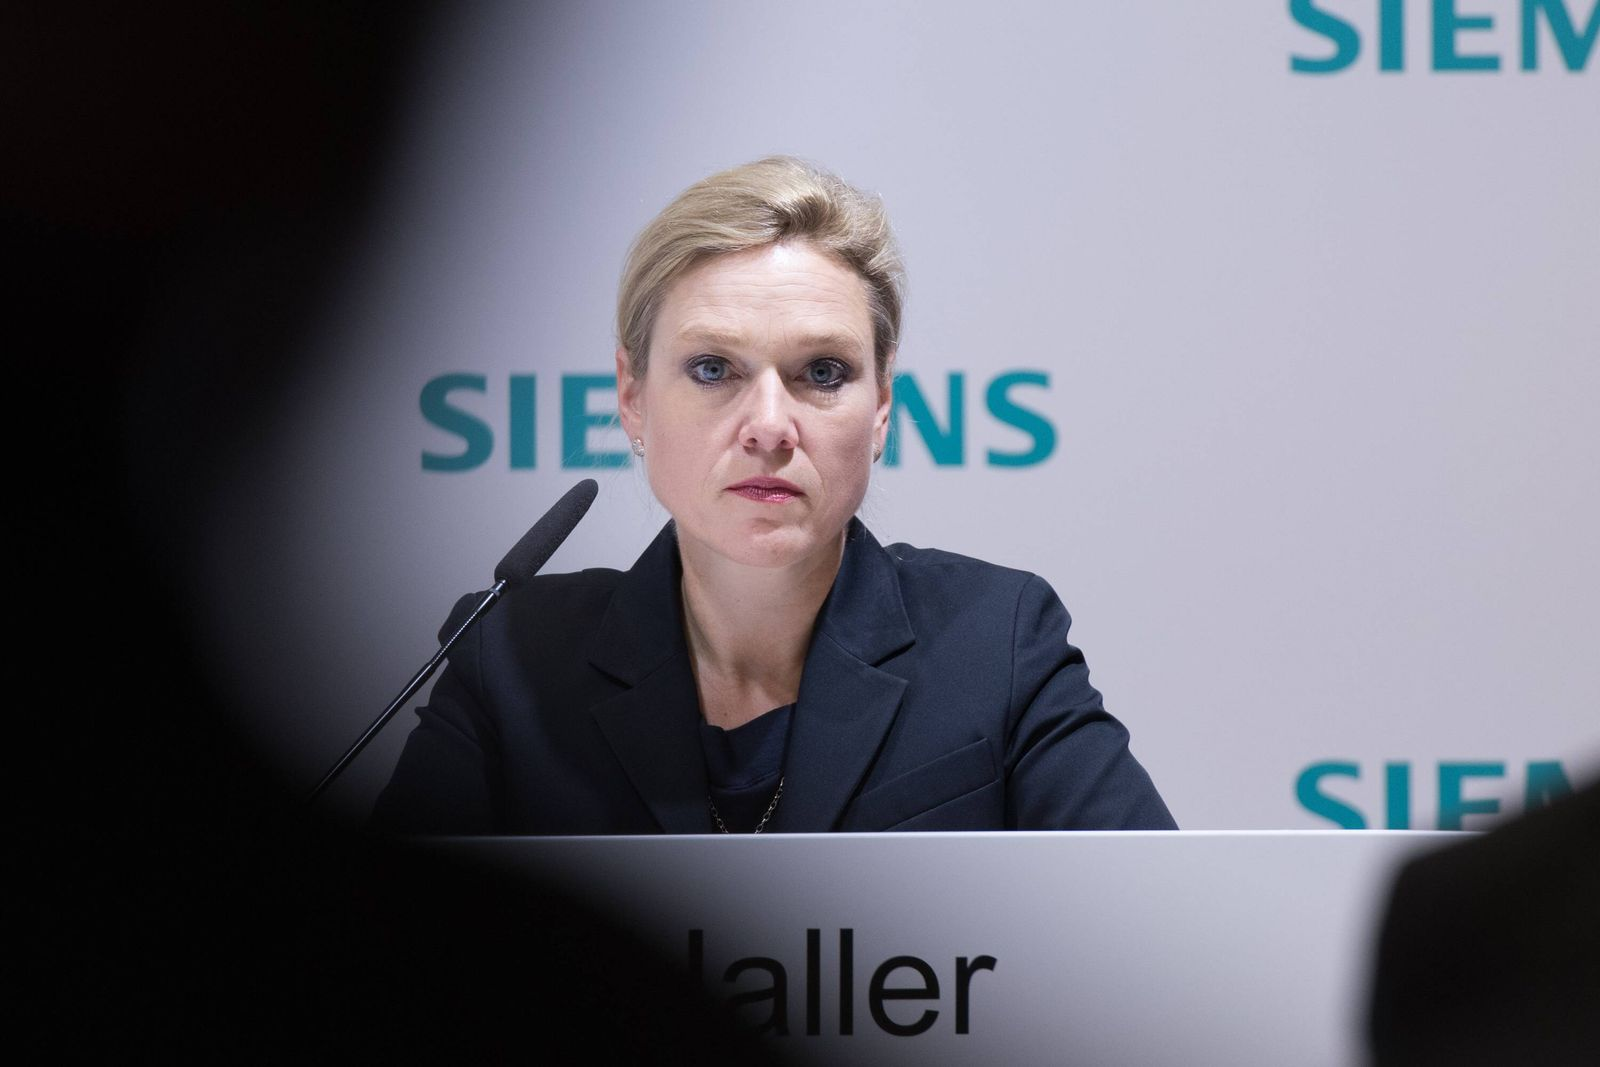 Muenchen Germany 09 11 2017 Jahrespressekonferenz 2017 Siemens AG Leiterin der Unternehmenskommu